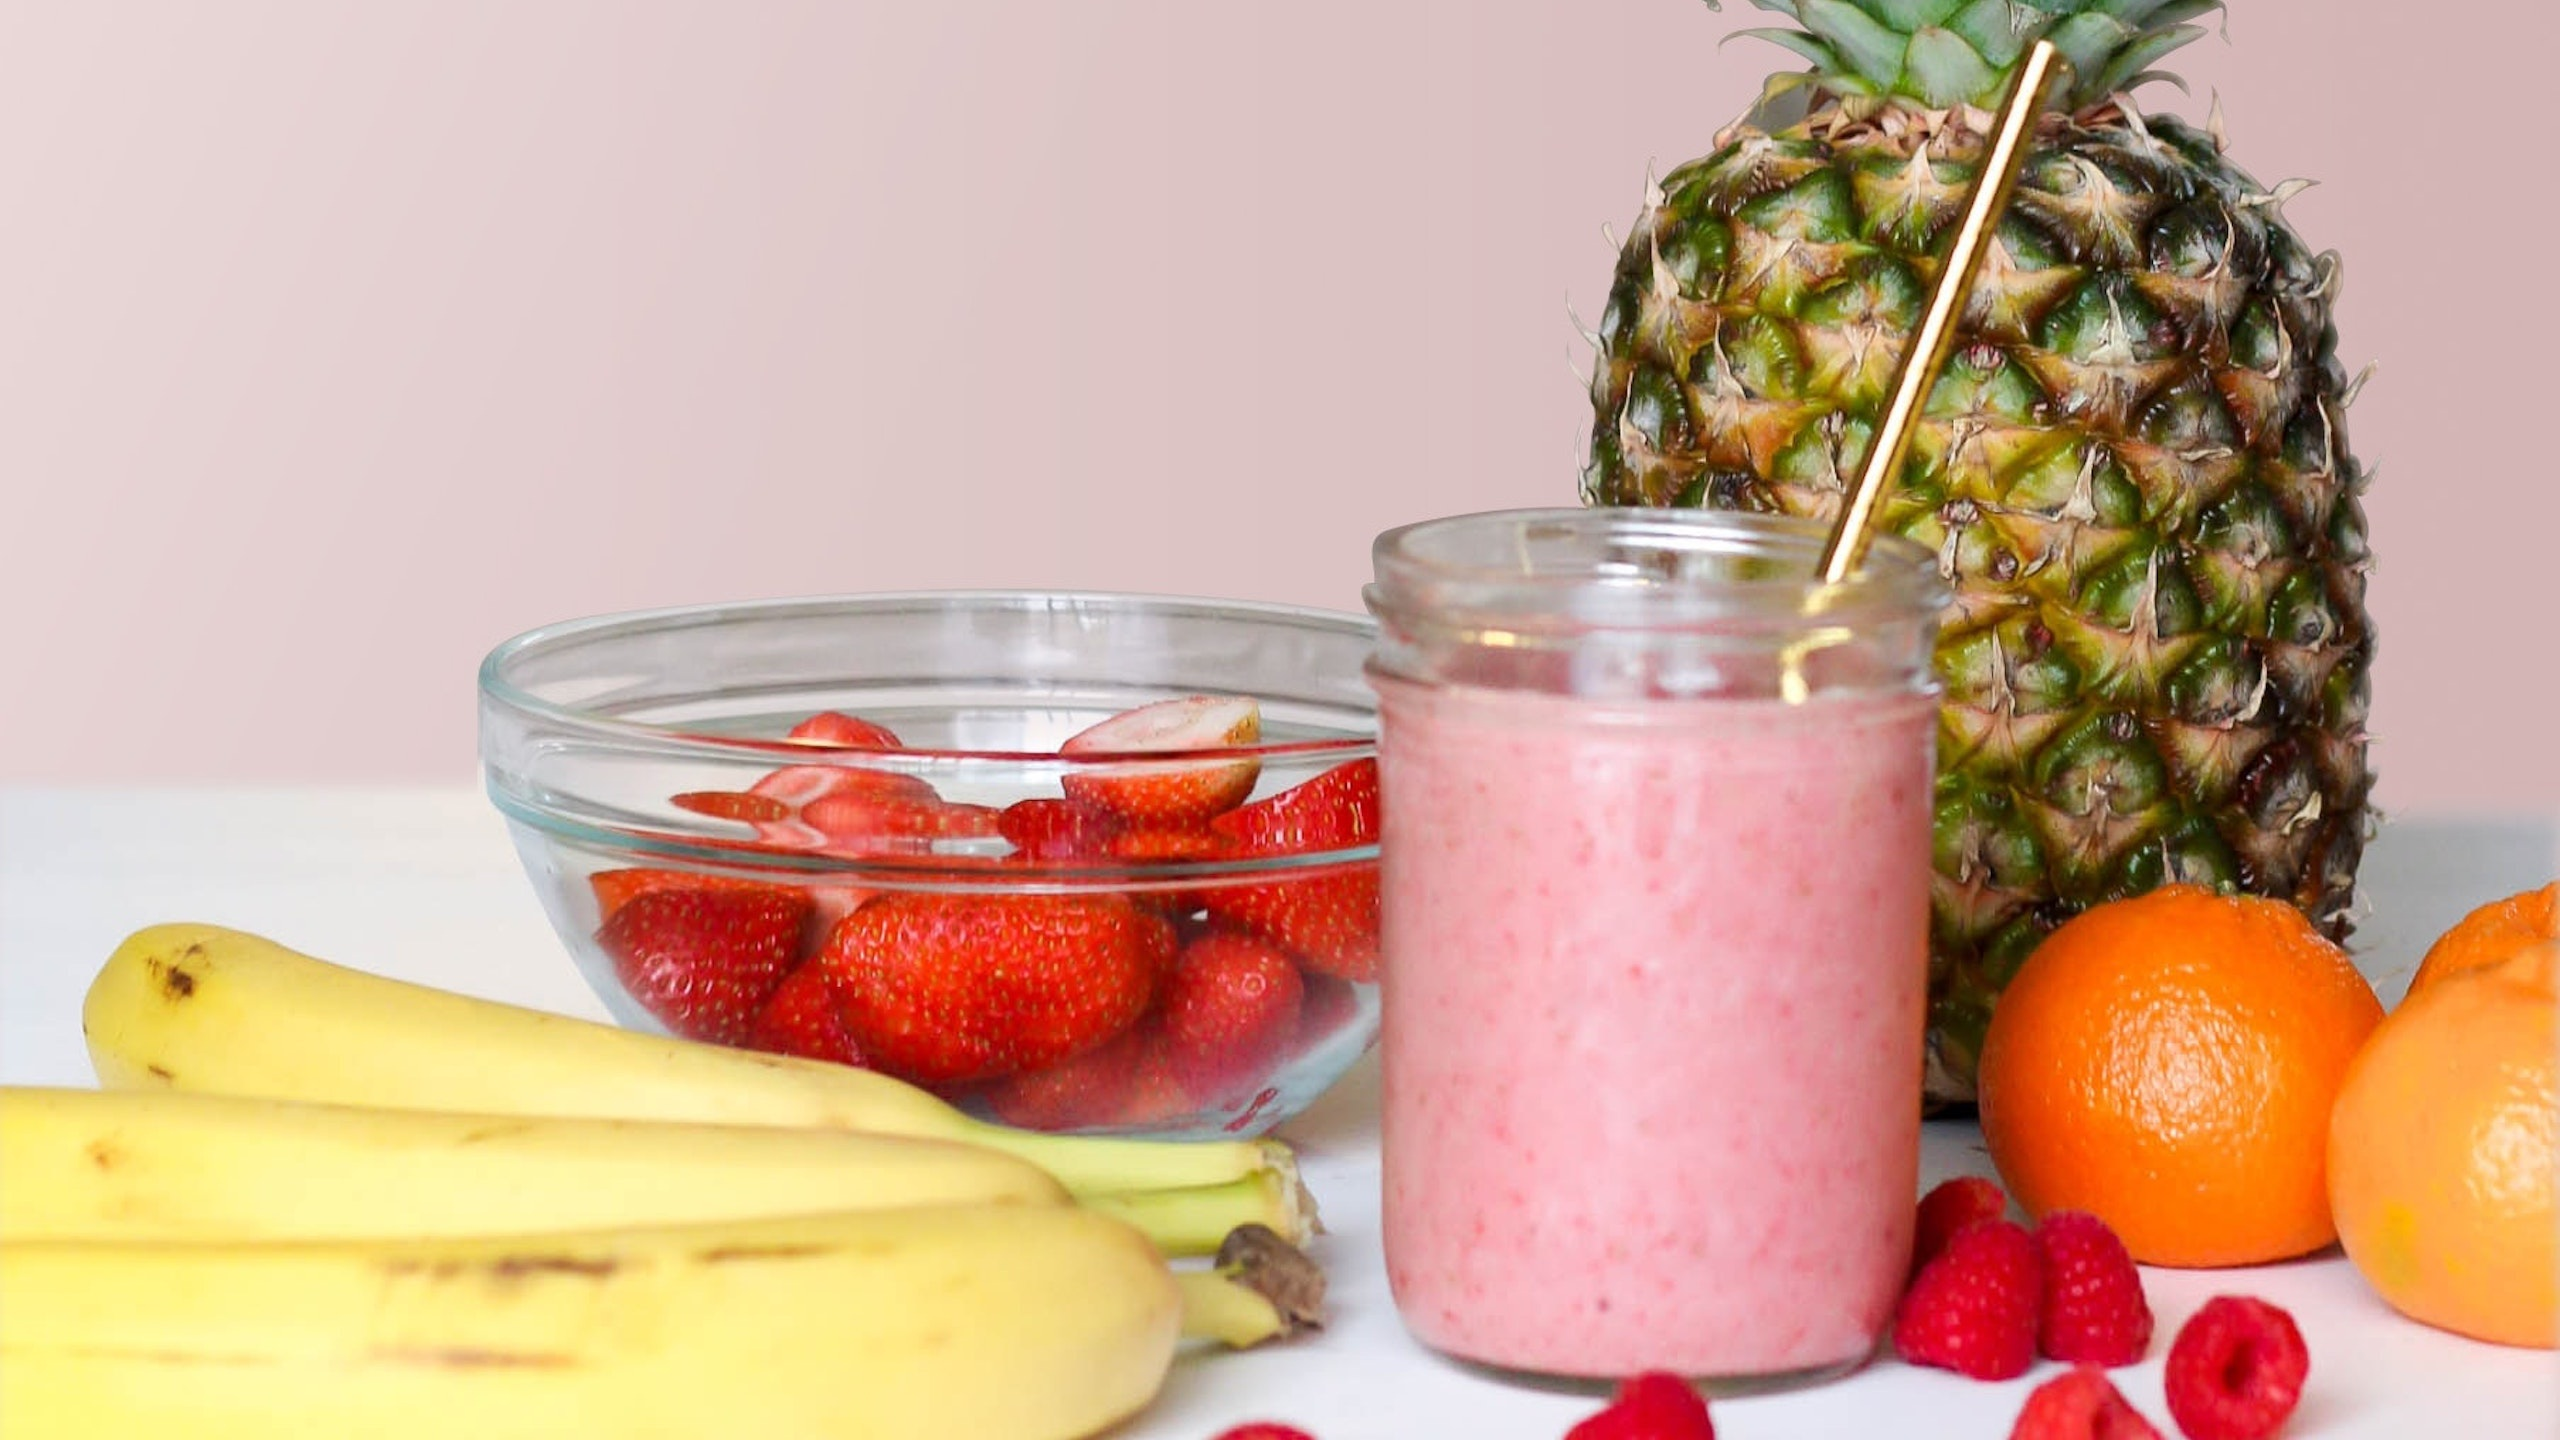 smoothie de frutos rojos para después de hacer ejercicio, fresas, blueberry, licuado